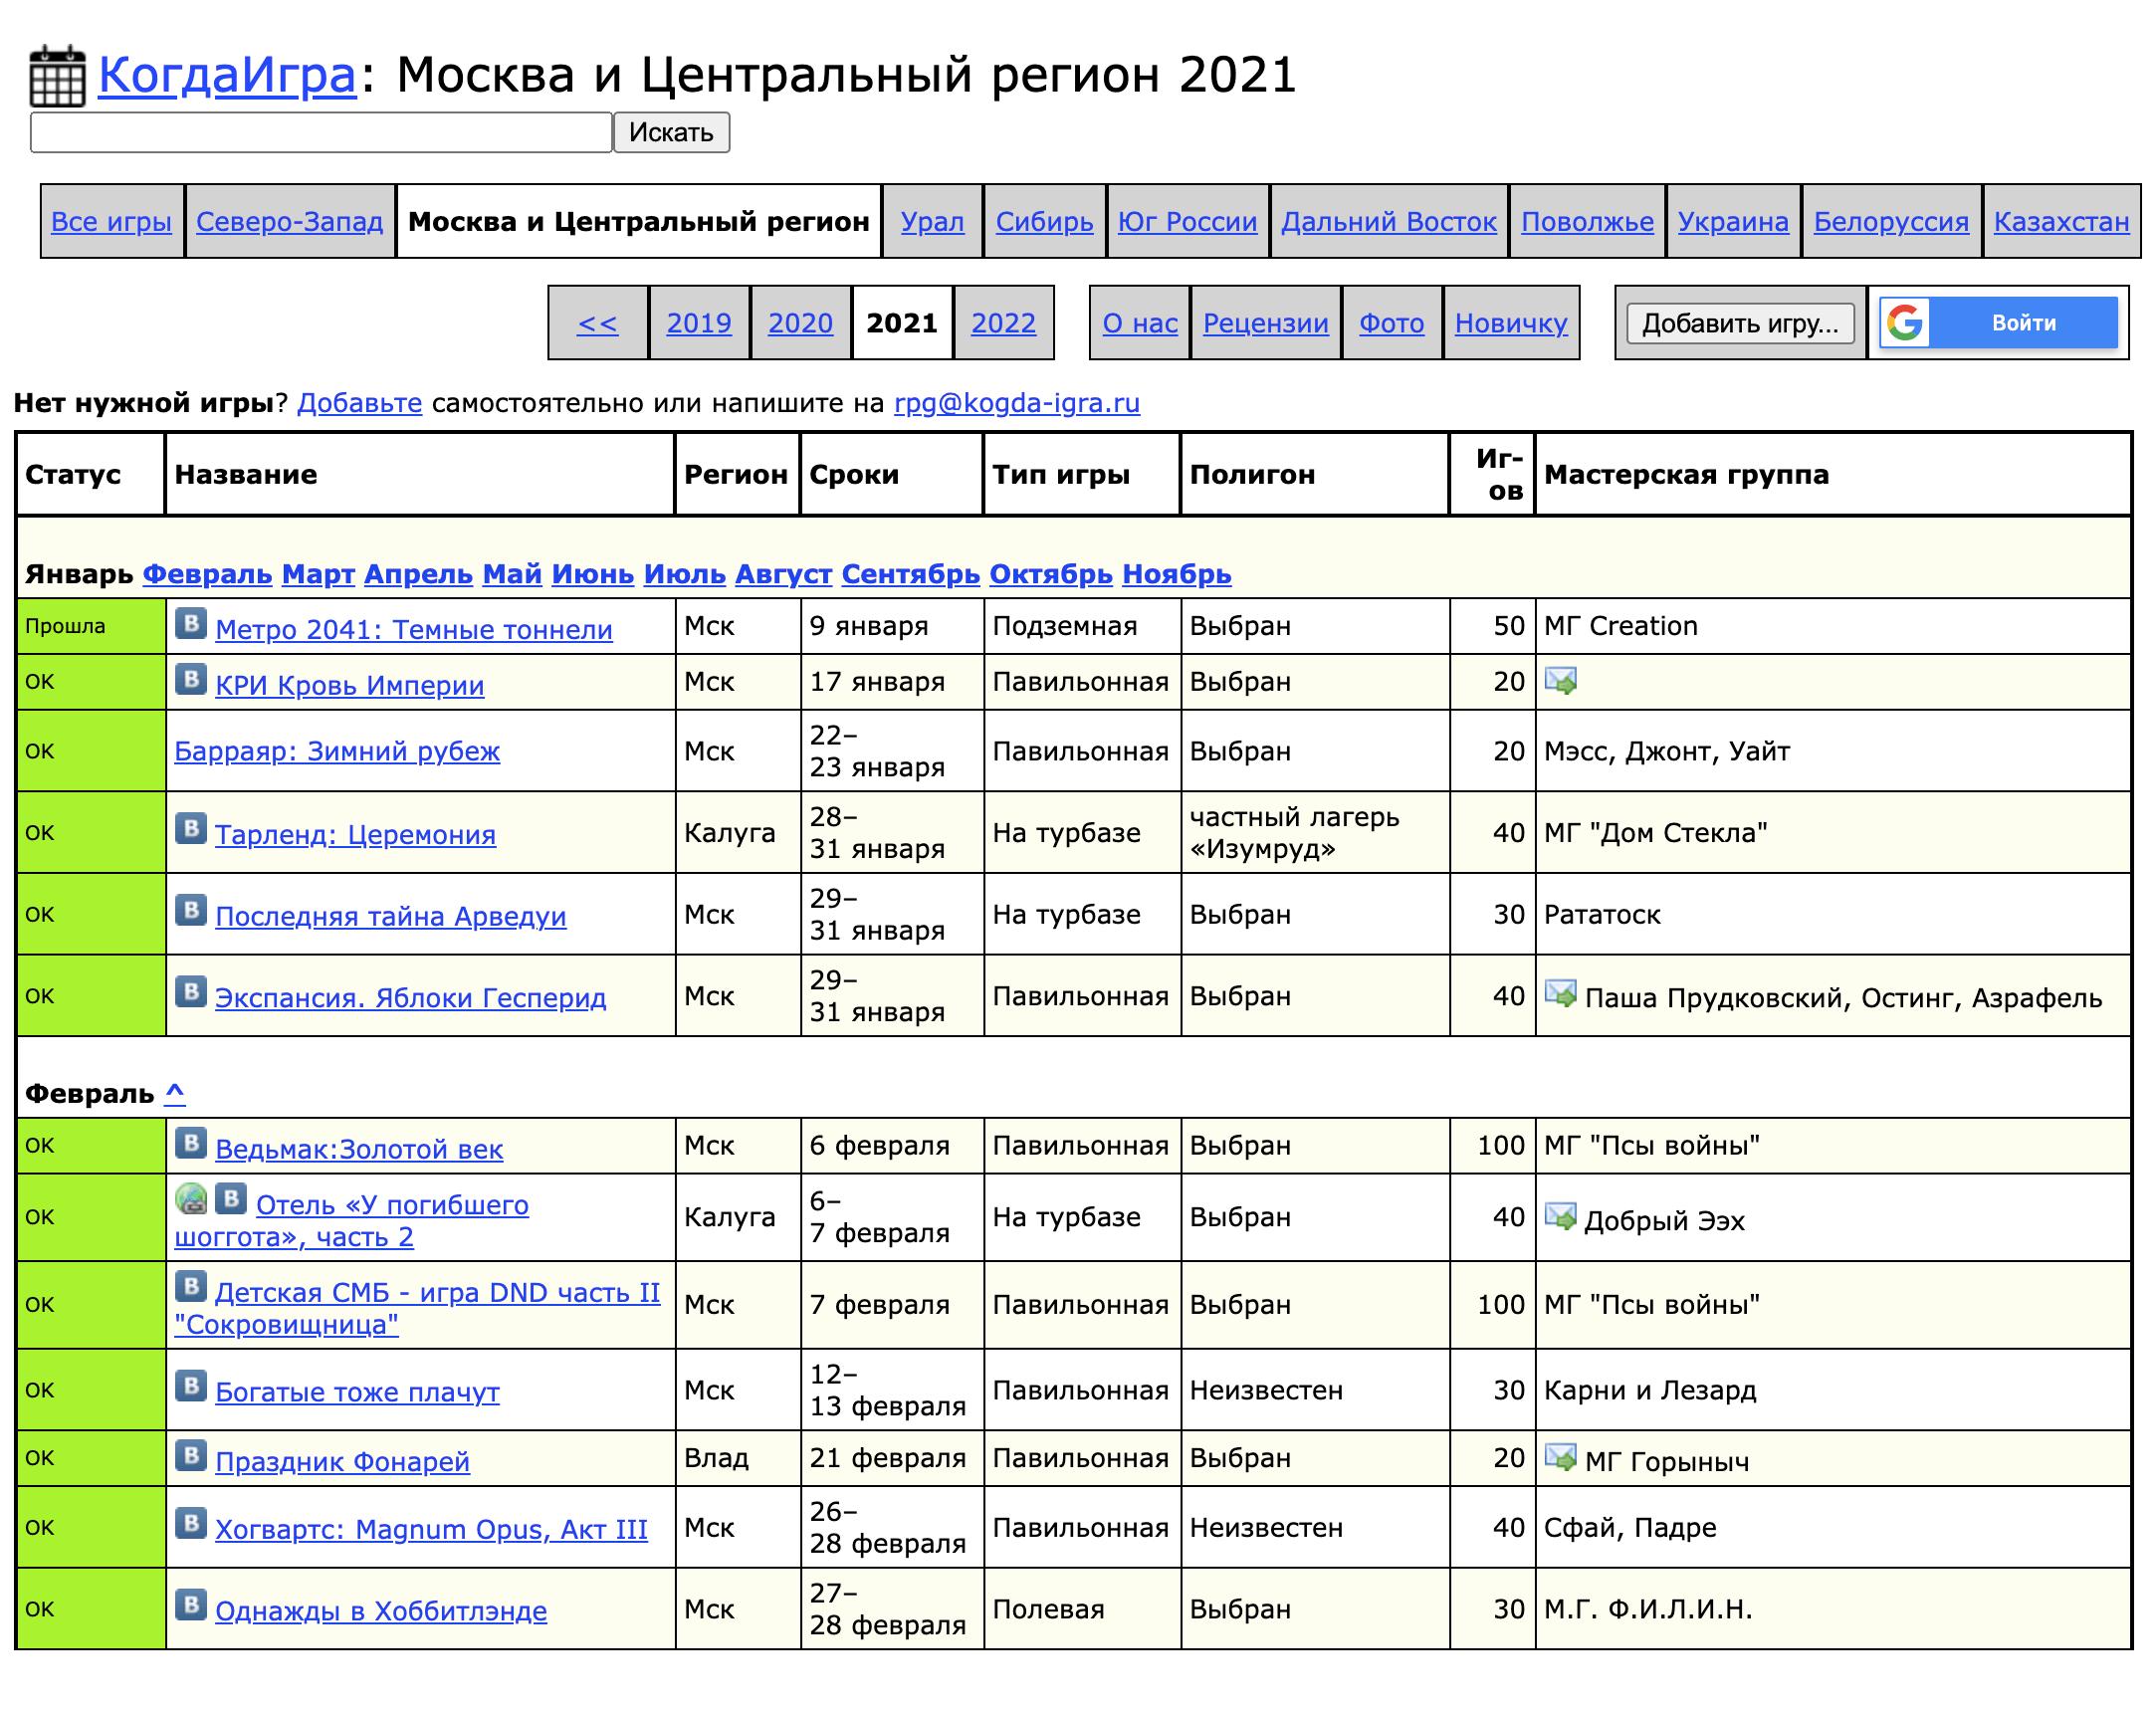 Скриншот с сайта «Когдаигра» на момент написания статьи. Расписание игр в Москве и Центральном регионе на начало 2021года